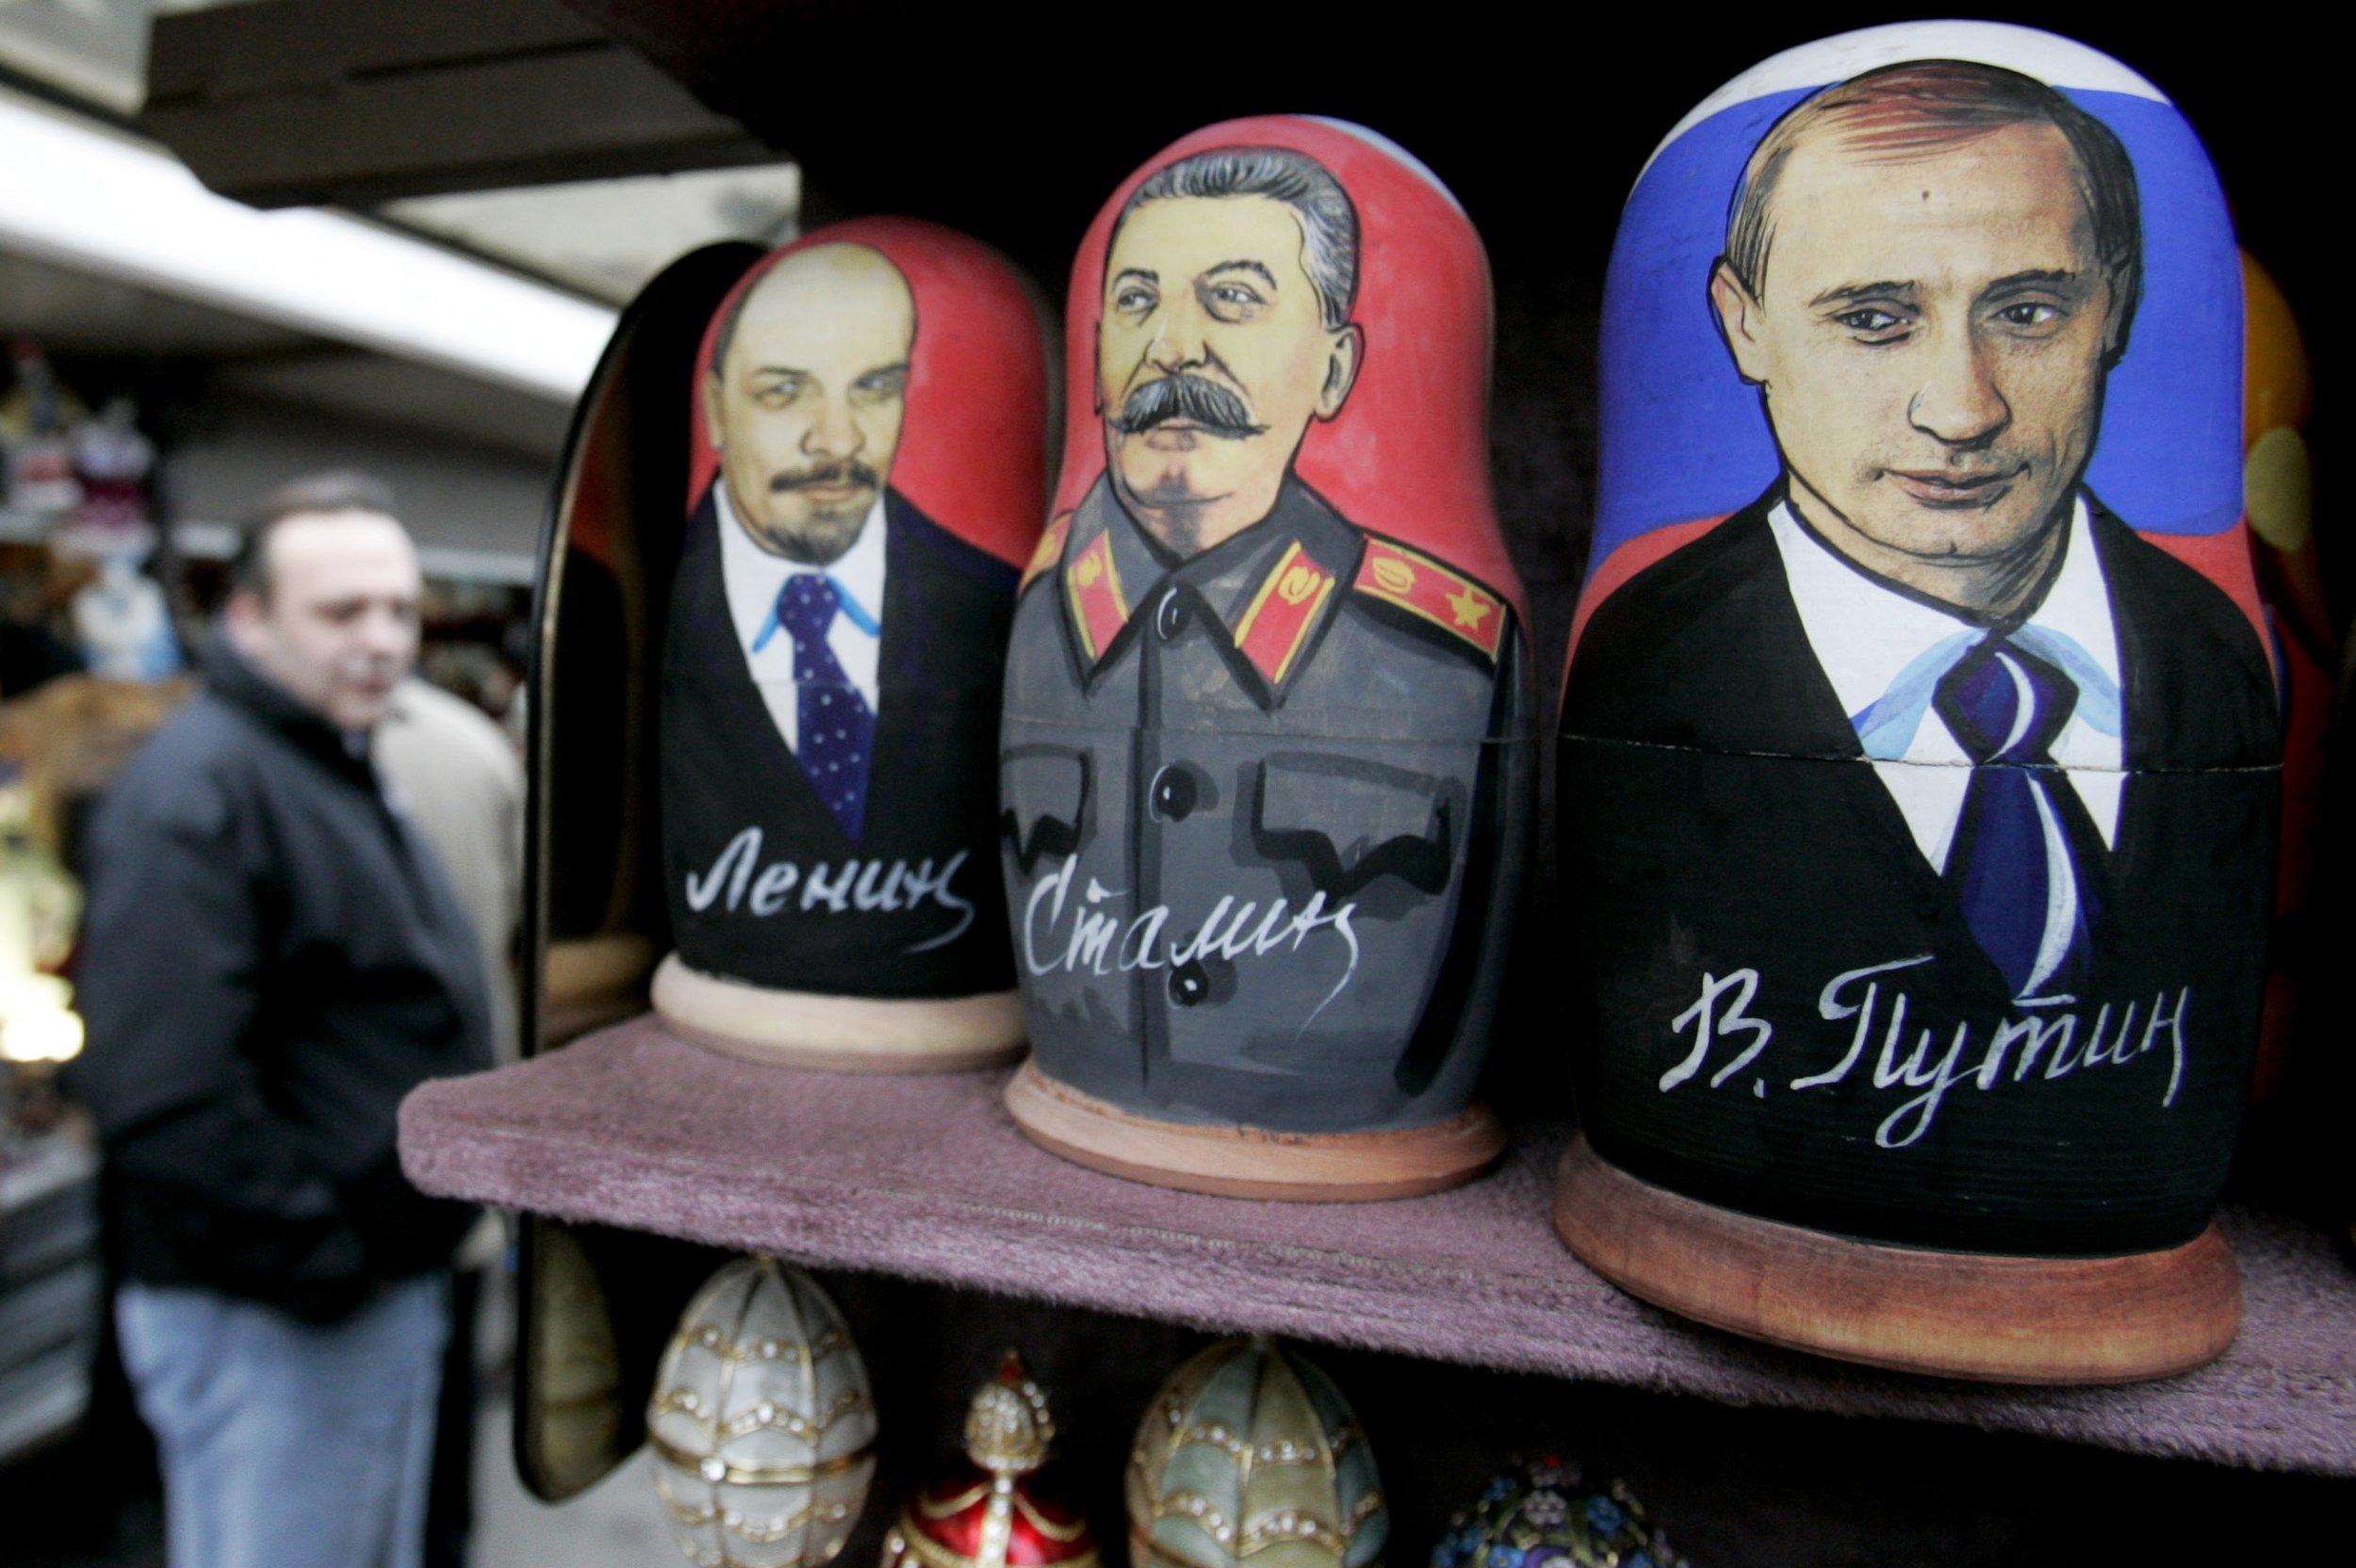 03_19_Putin_Lenin_01